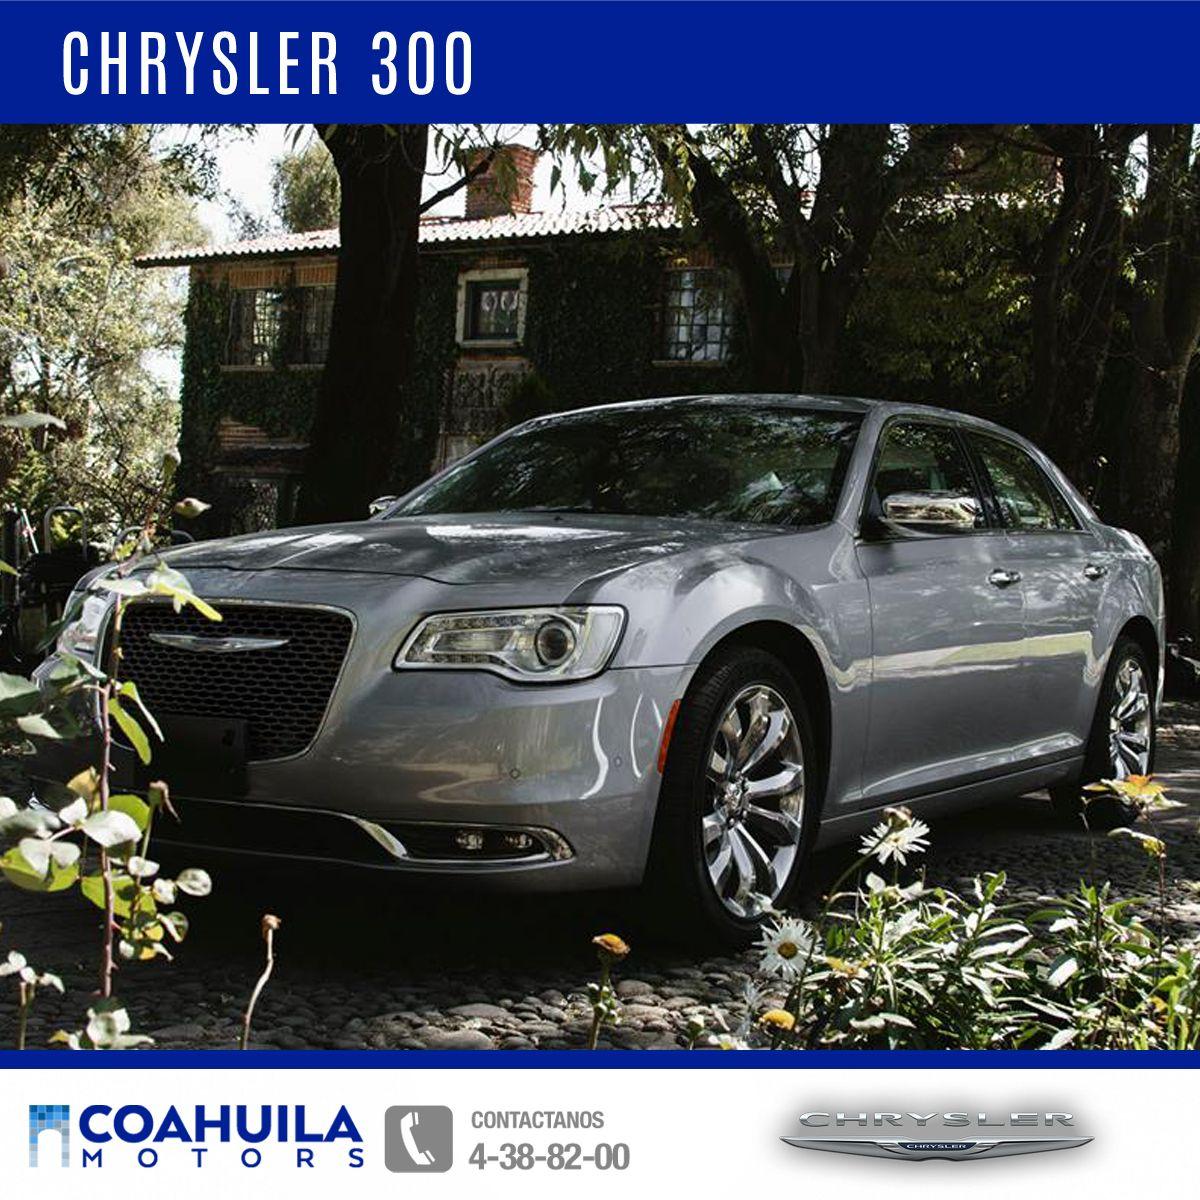 """El diseño exterior de #Chrysler300 es icónico y combina con la elegancia y el lujo en sus rines de aluminio cromado de 20"""" y luces LED delanteras. #OrgulloChrysler."""